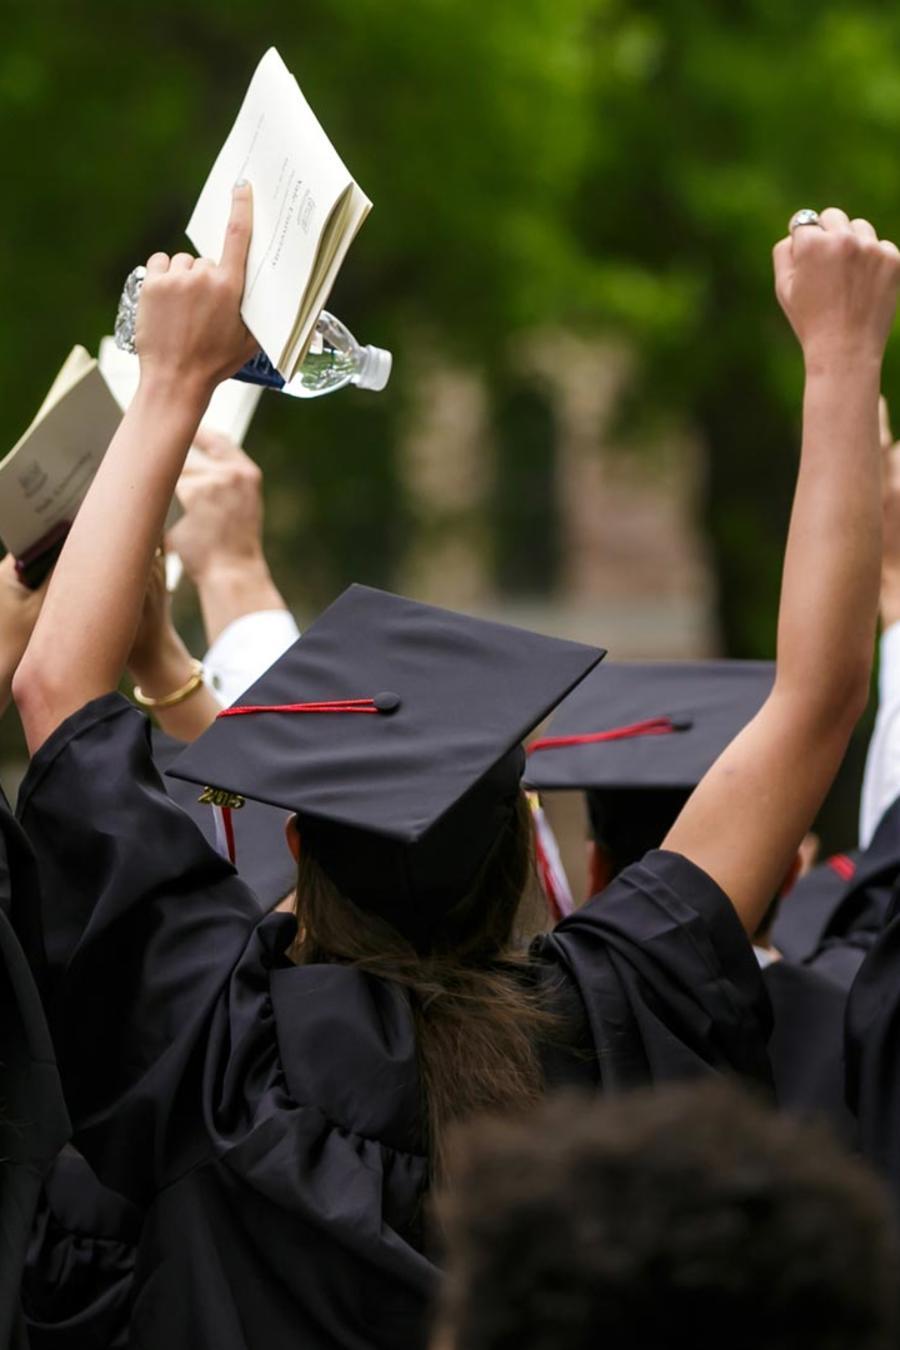 Estudiantes graduándose